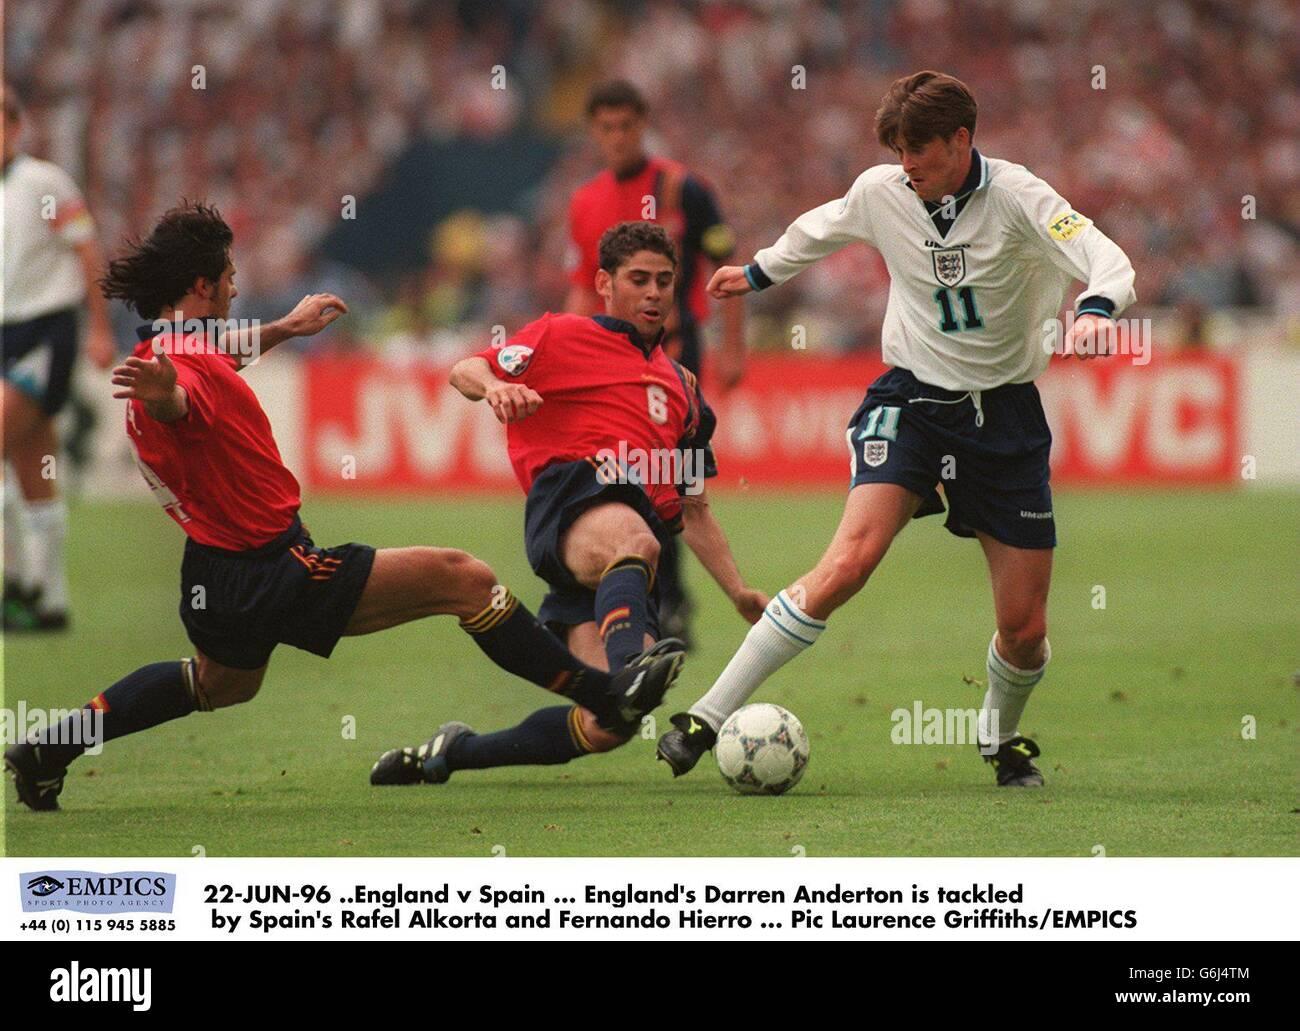 22-JUN-96 .England / Spanien. Der englische Darren Anderton wird vom spanischen Rafel Alkorta und Fernando Hierro angegangen Stockfoto